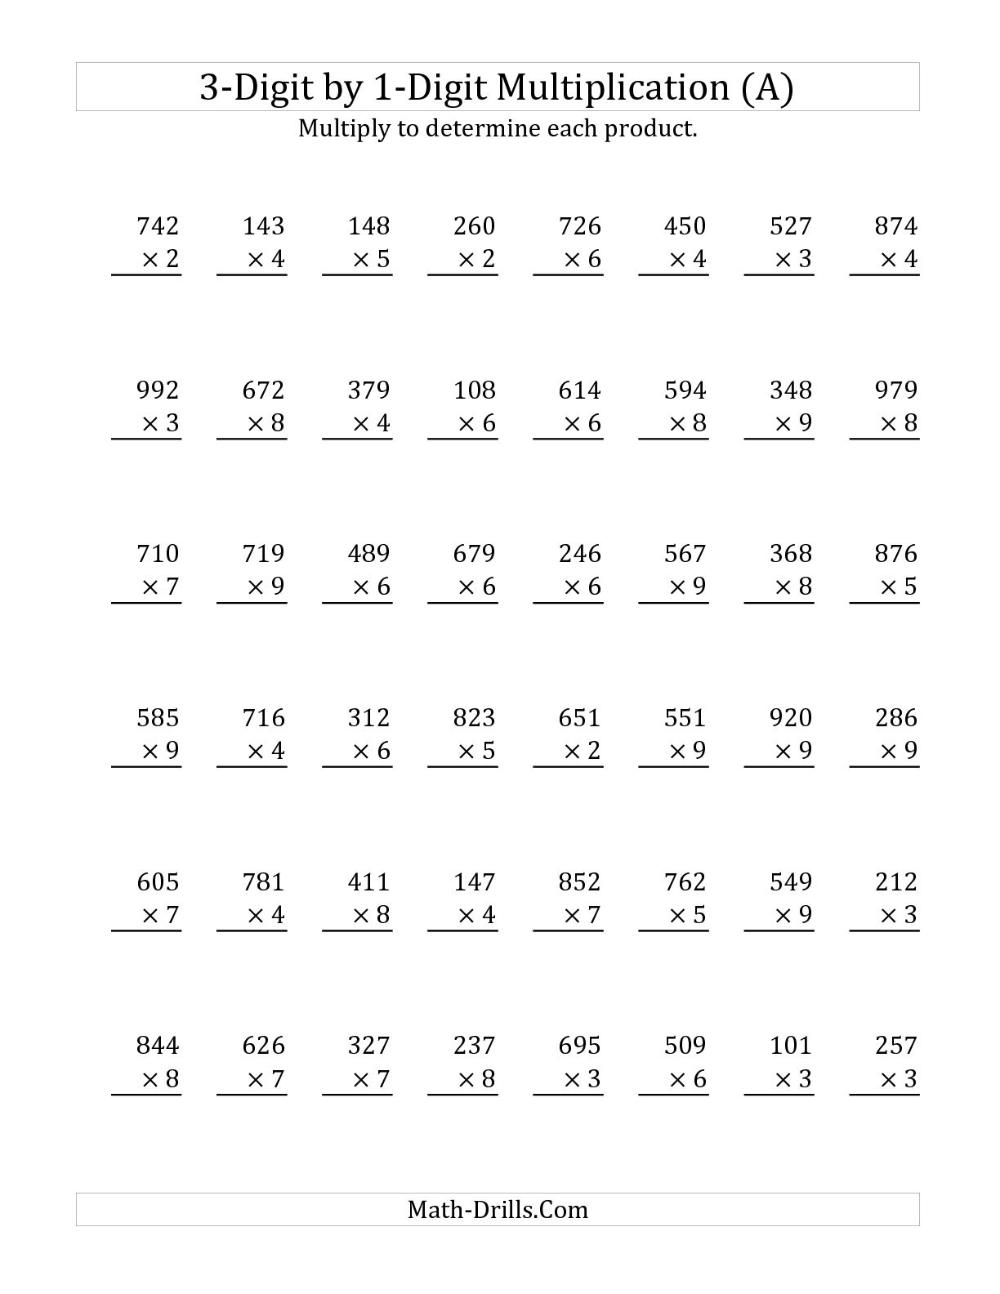 2Digit by 1 Digit Multiplication Worksheets in 2020